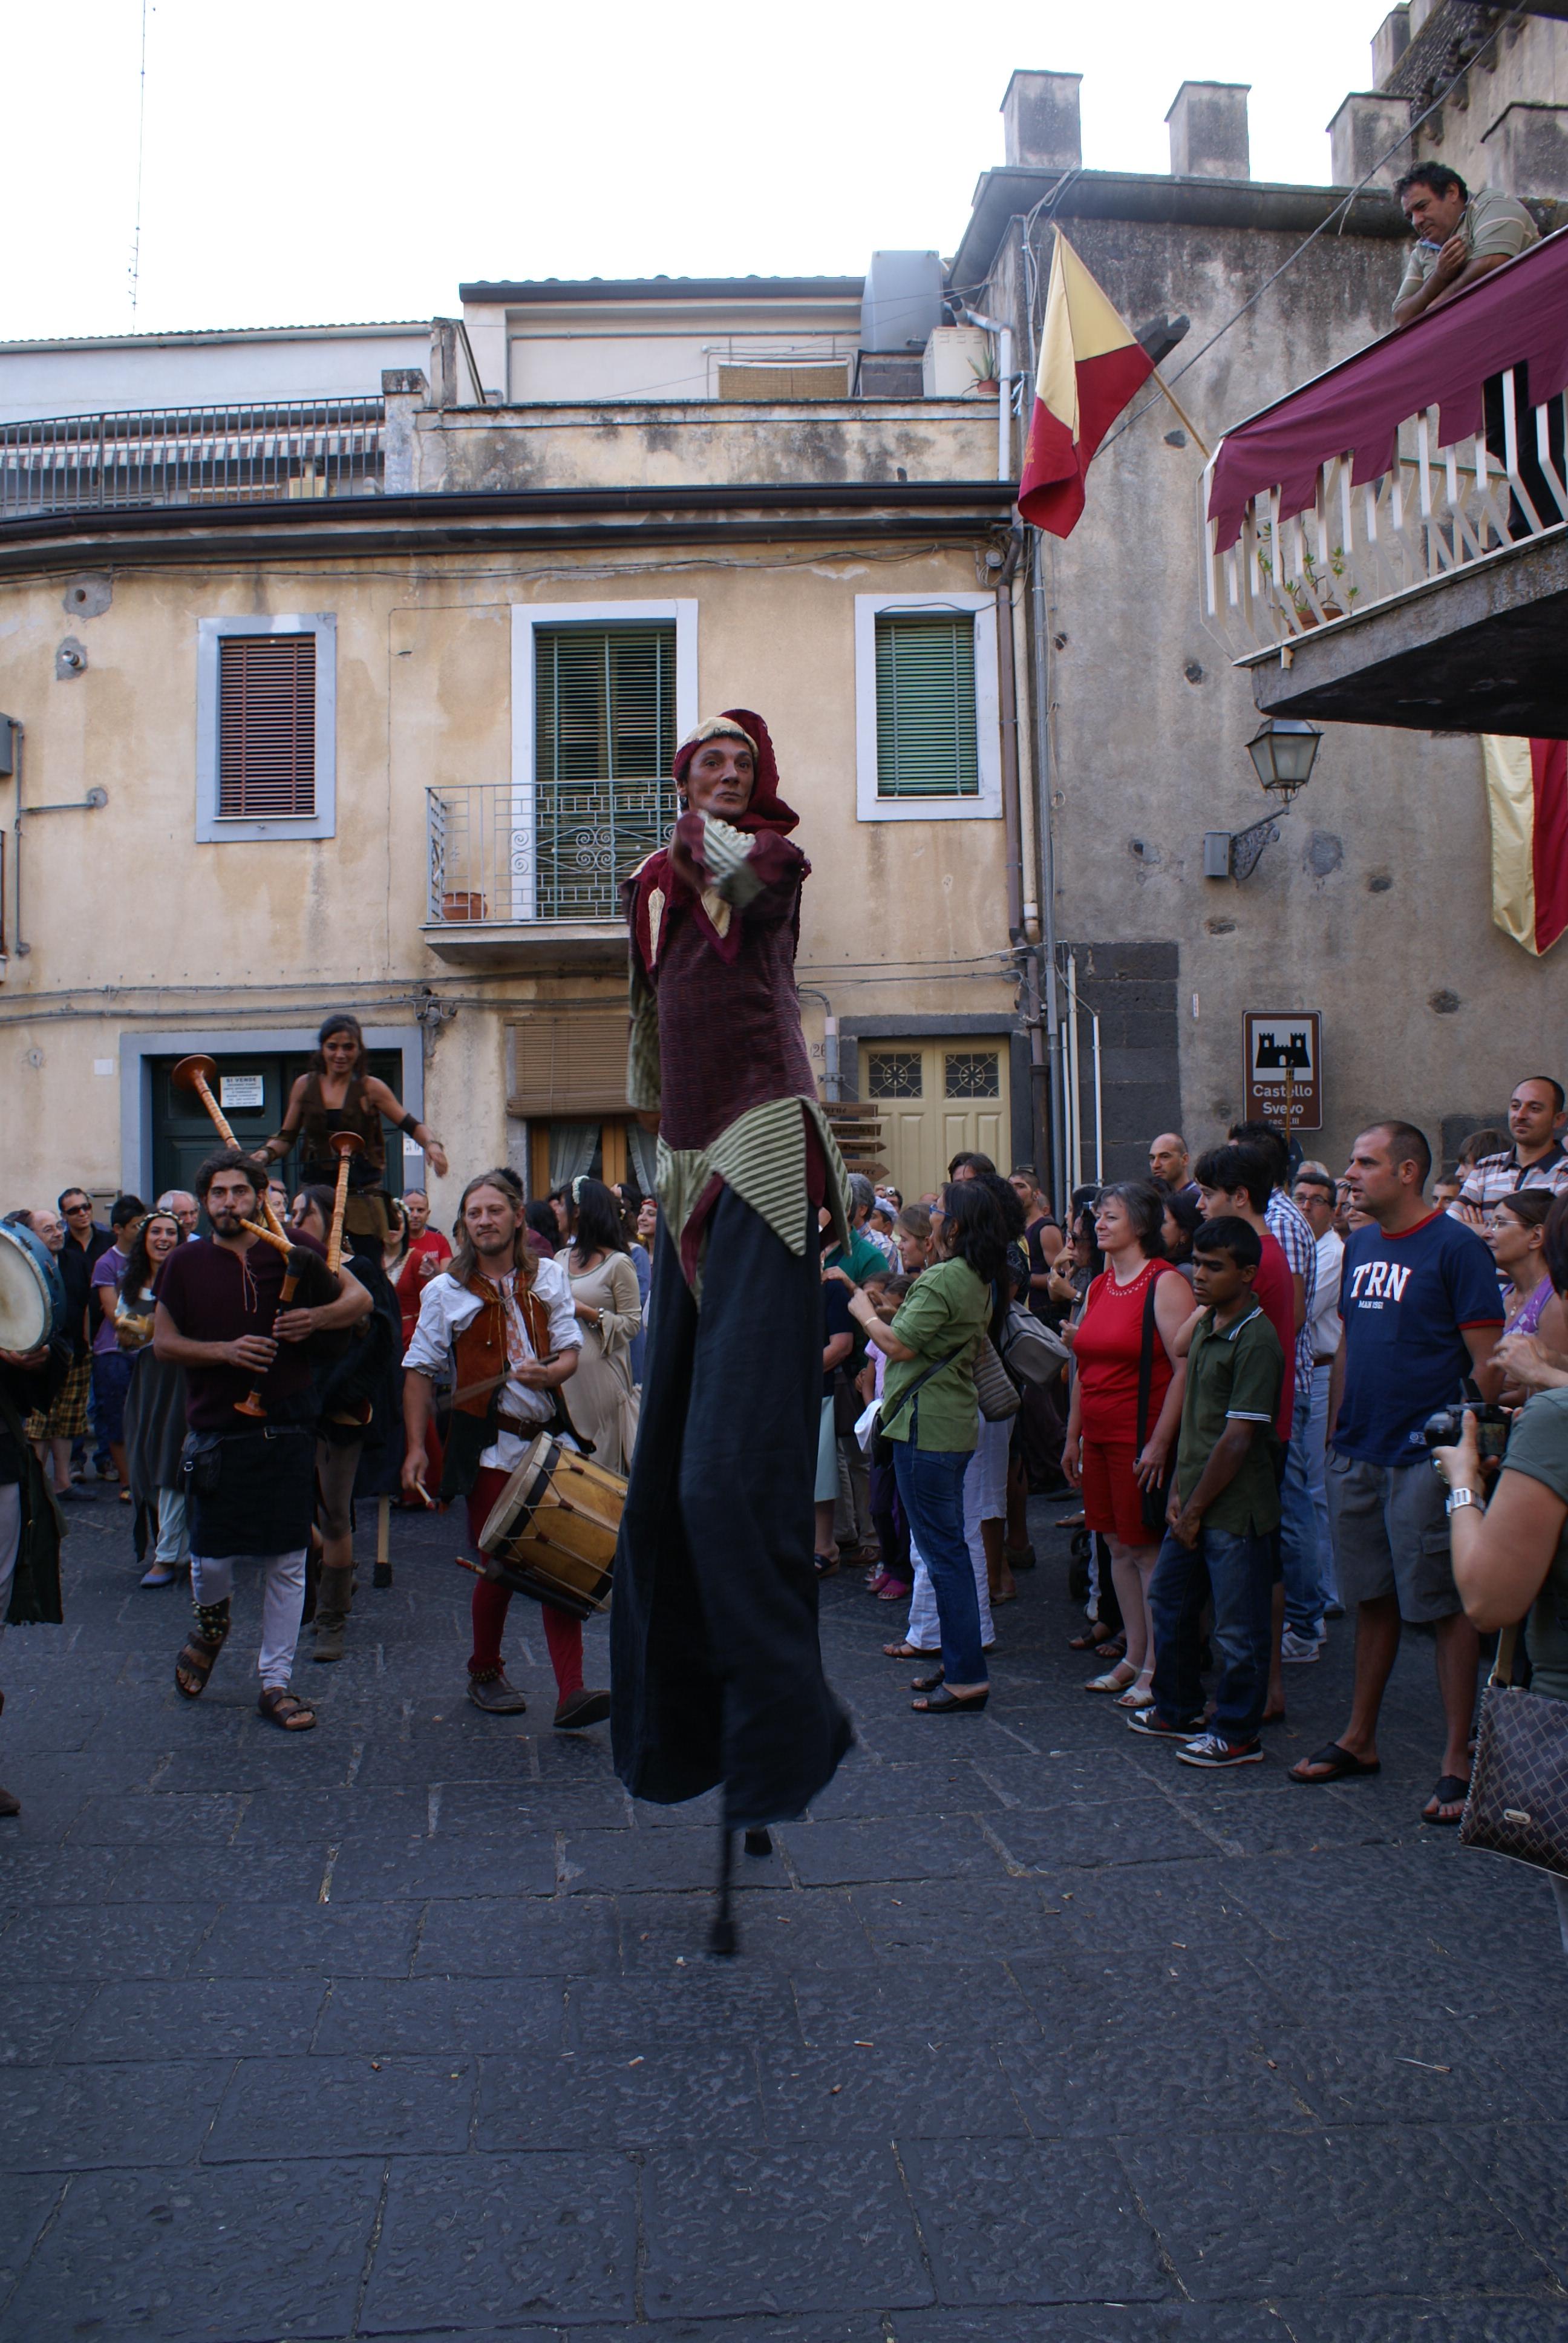 Festa Medievale di Randazzo (Ct). Giocoliere.